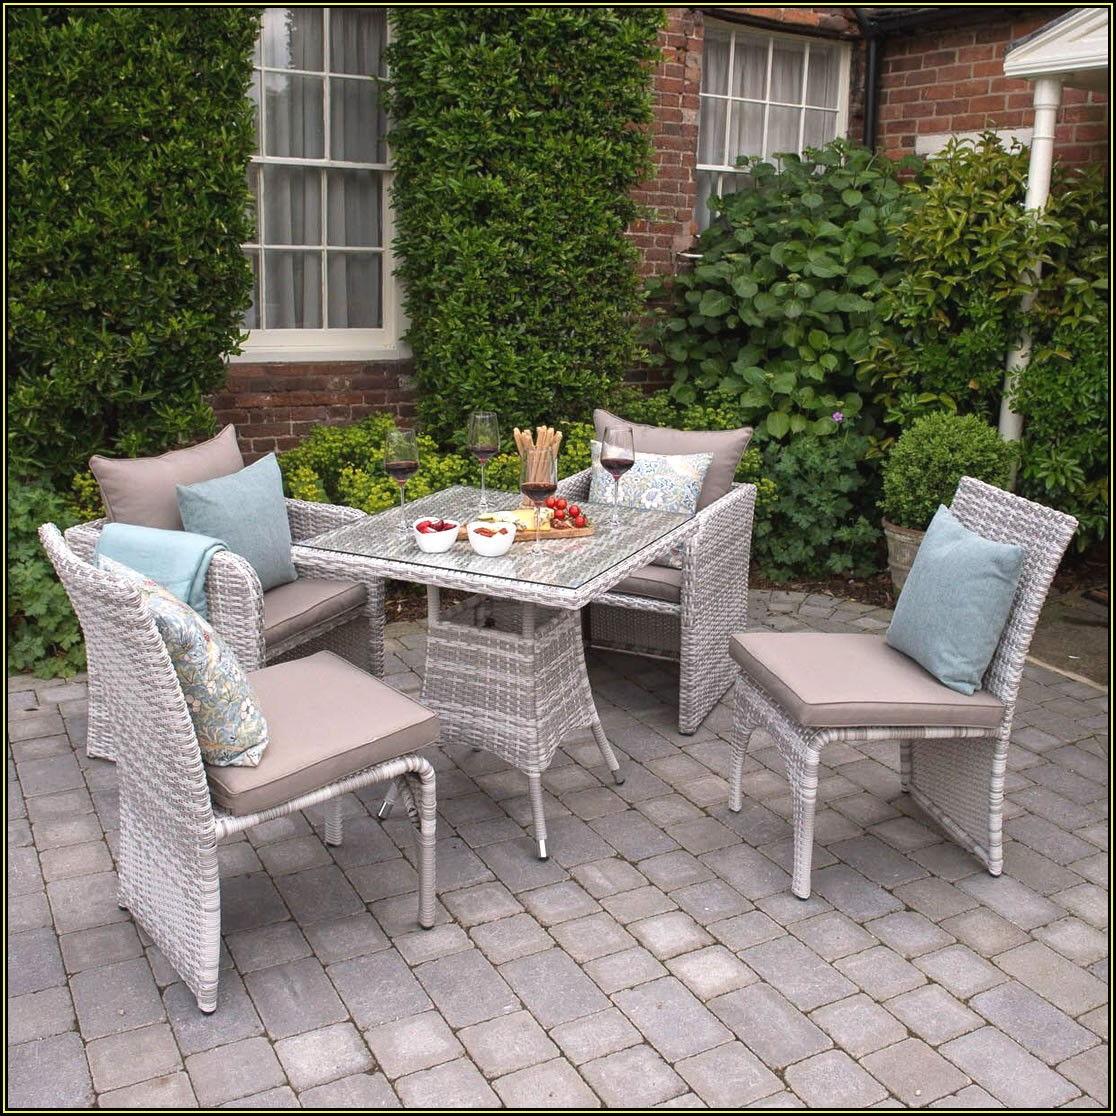 Macksoods Patio Outdoor Furniture